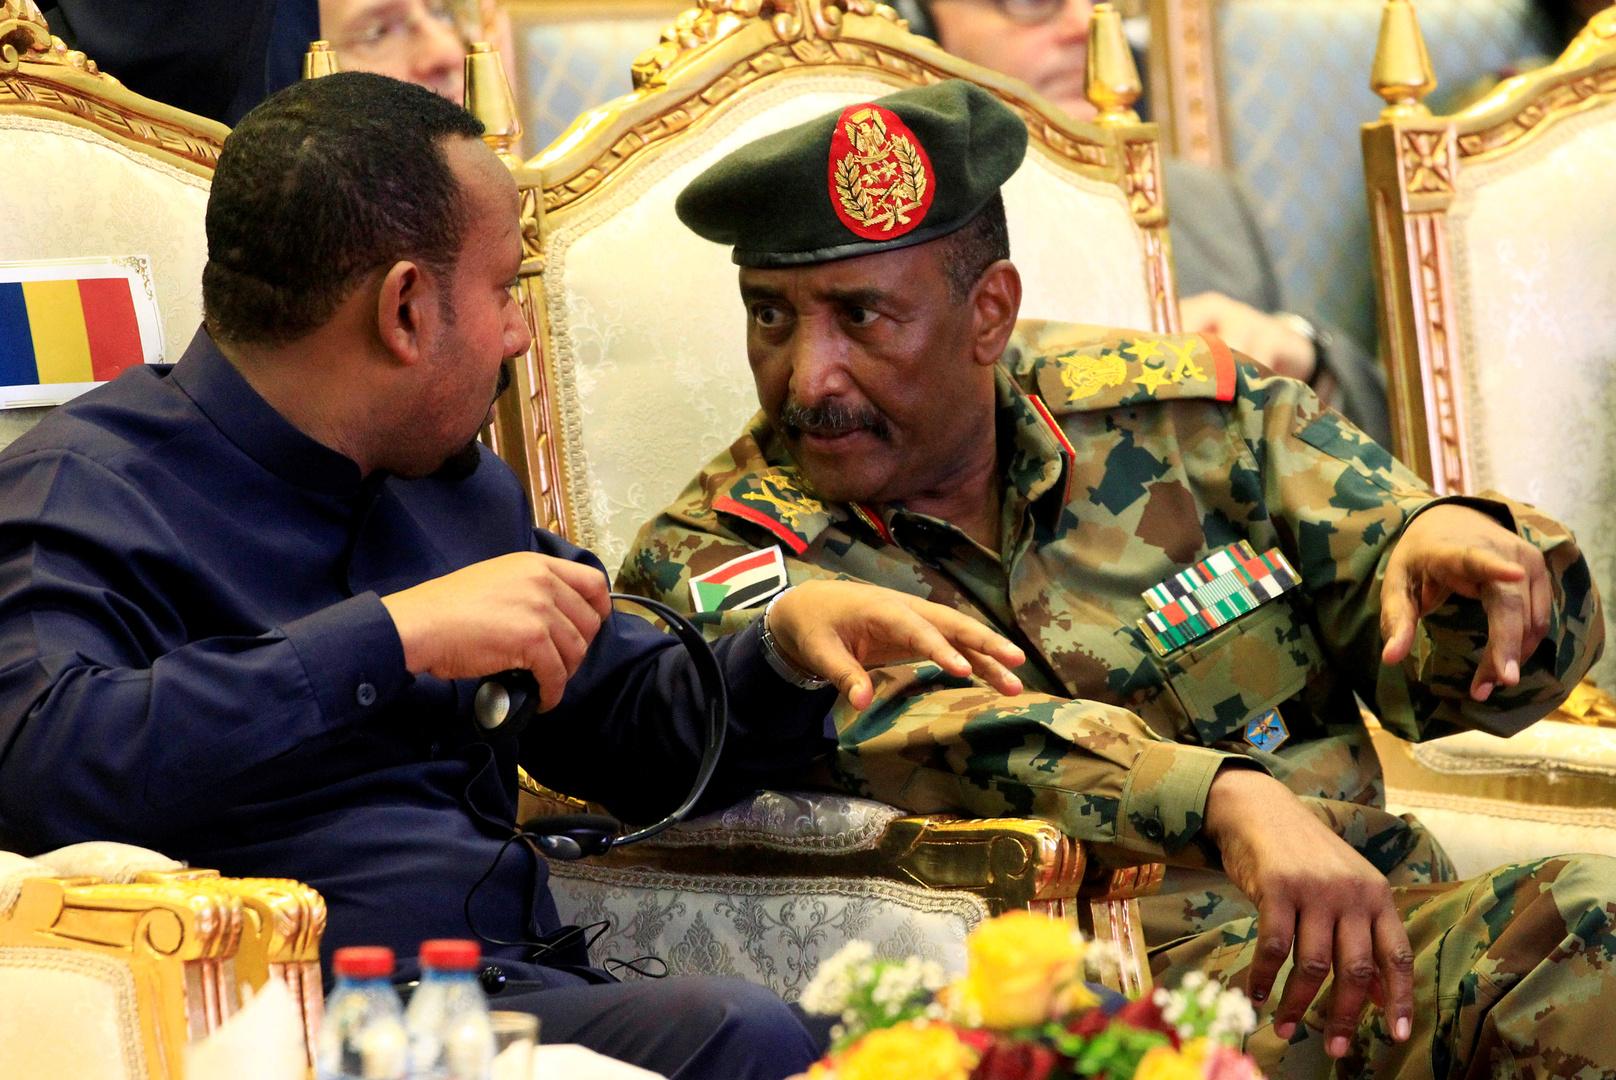 رئيس مجلس السيادة الانتقالي السوداني عبد الفتاح البرهان خلال اجتماع مع رئيس وزراء إثيوبيا أبي أحمد - صورة أرشيفية